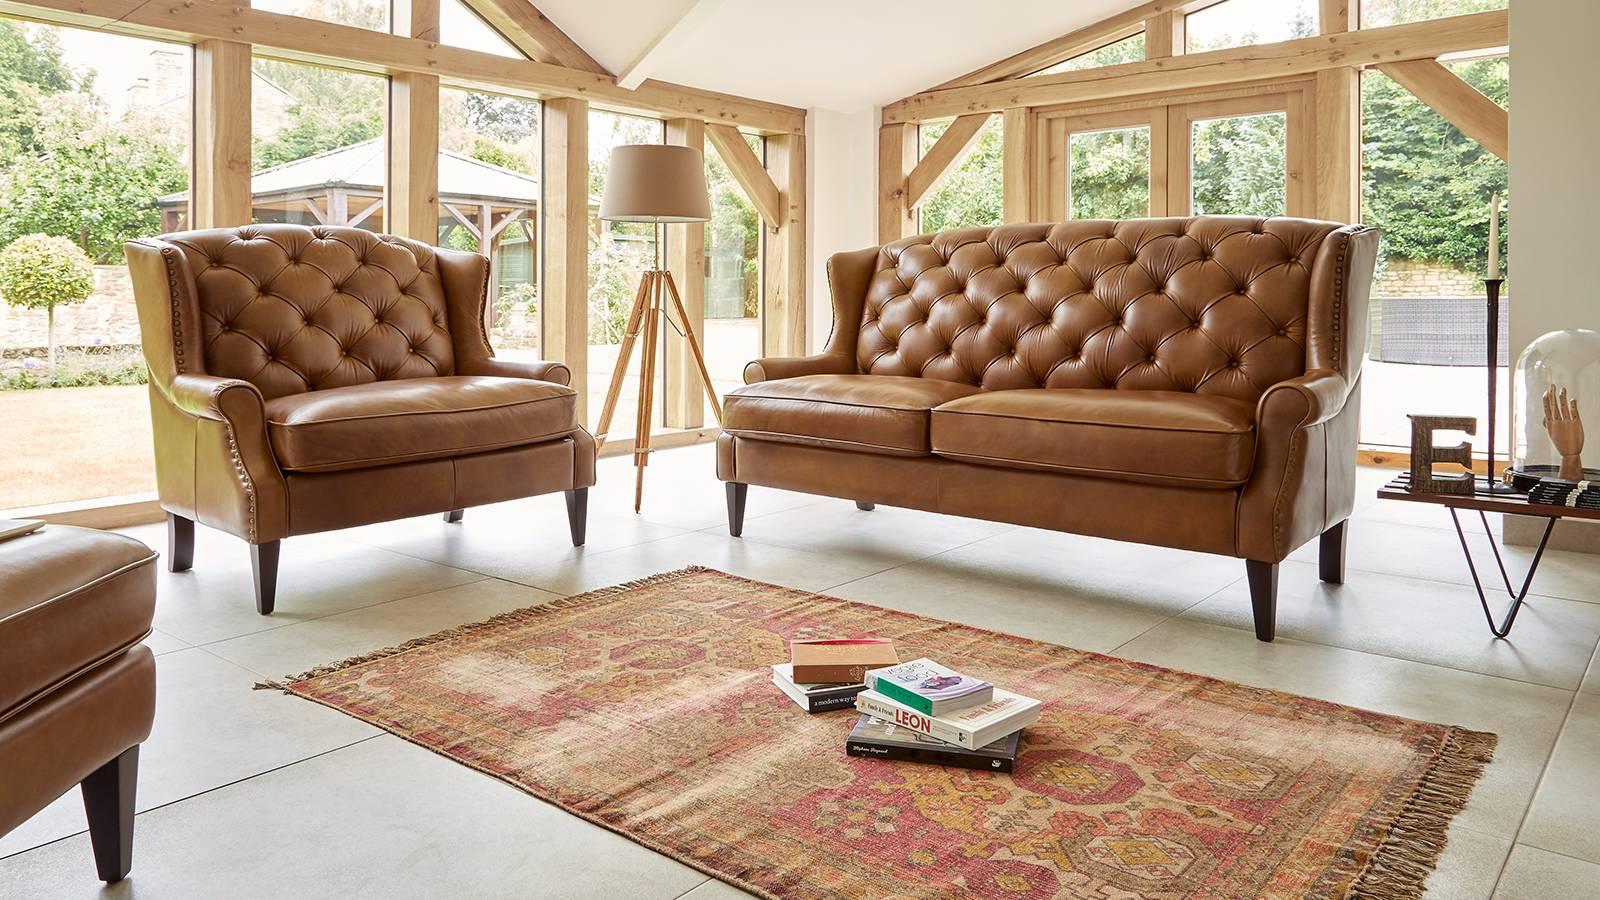 Sofology Franklin vintage brown leather sofas